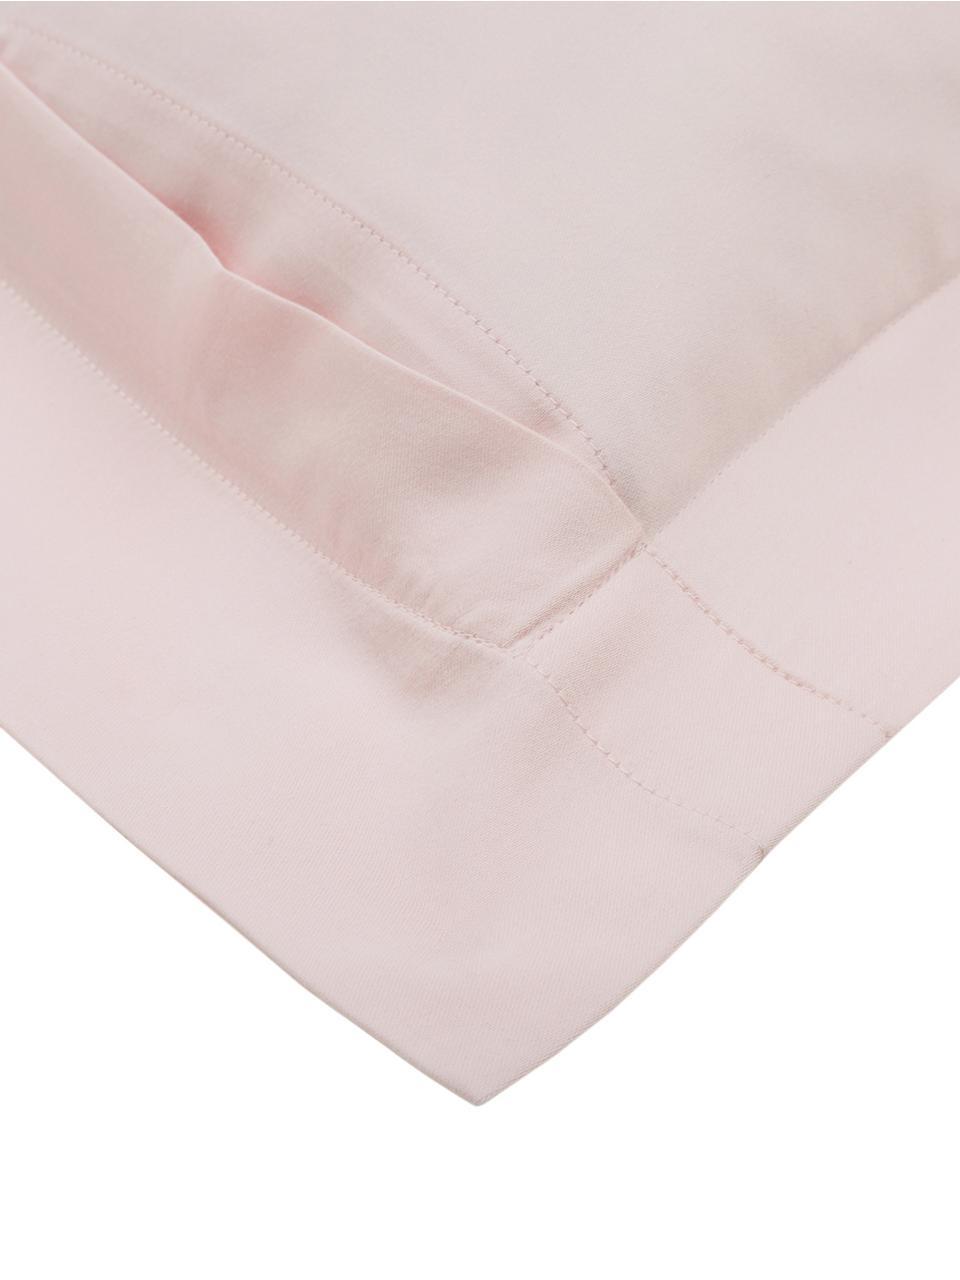 Baumwollsatin-Kissenbezüge Premium in Rosa mit Stehsaum, 2 Stück, Webart: Satin Fadendichte 400 TC,, Rosa, 40 x 80 cm